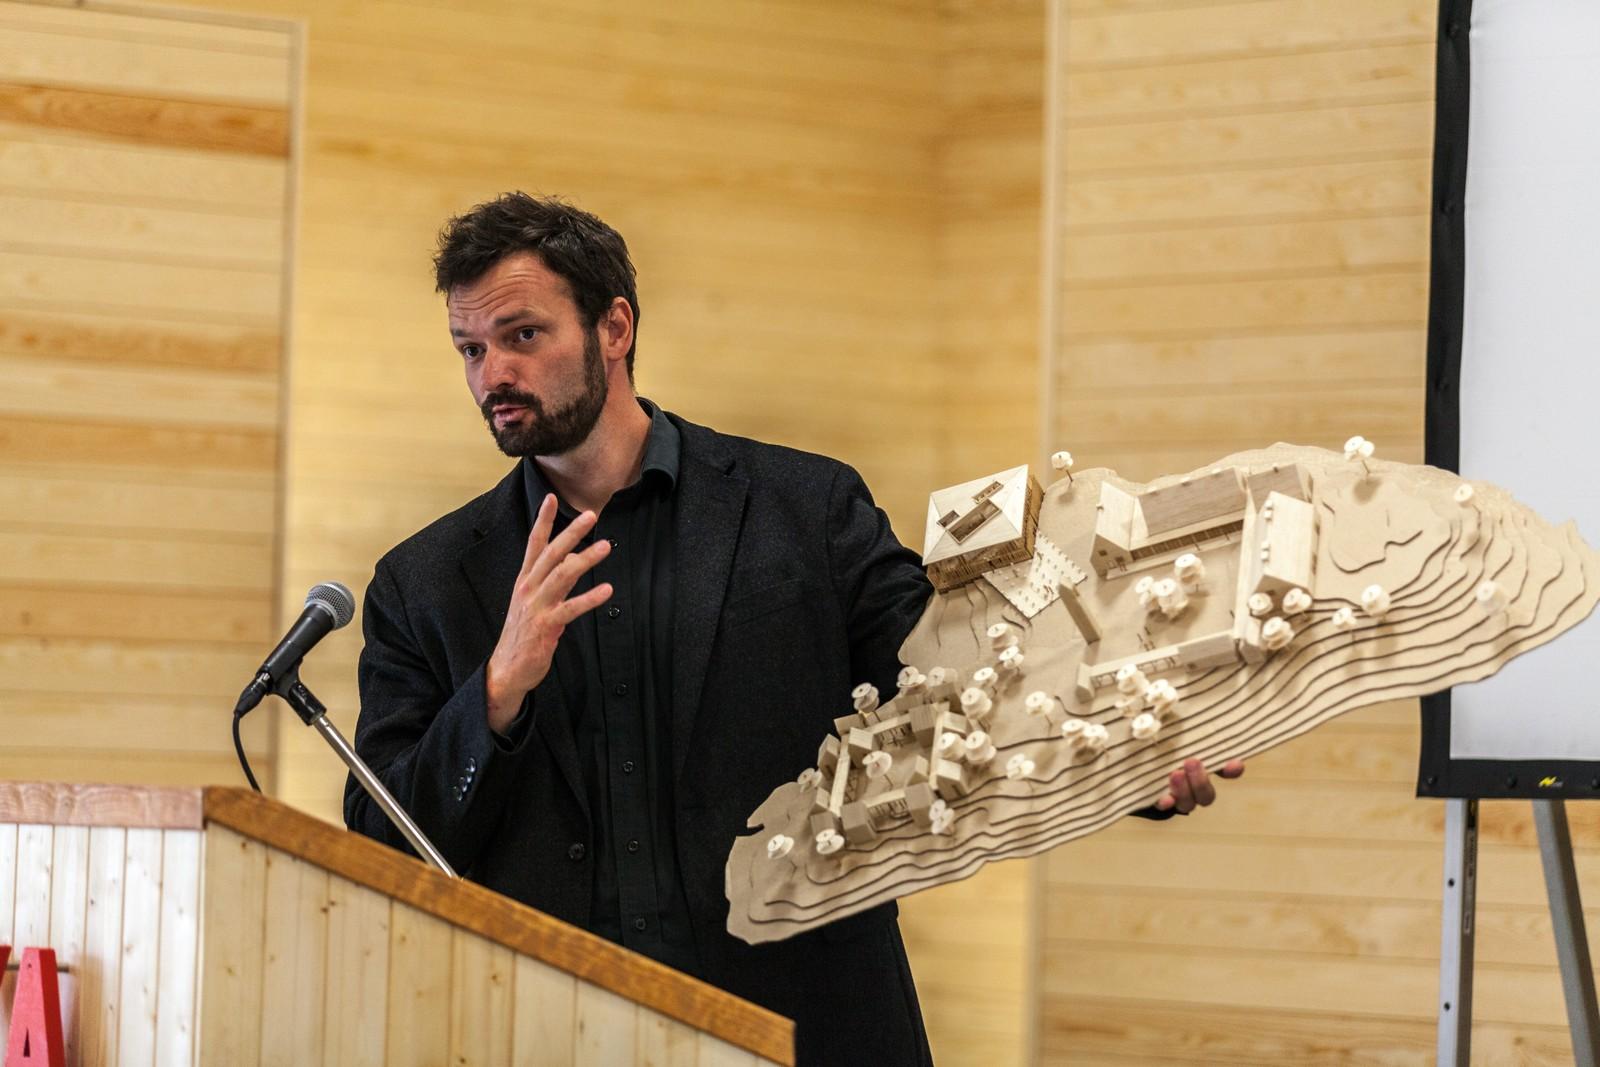 Arkitekt Erlend Blakstad Haffner viser fram en modell av nye Utøya.